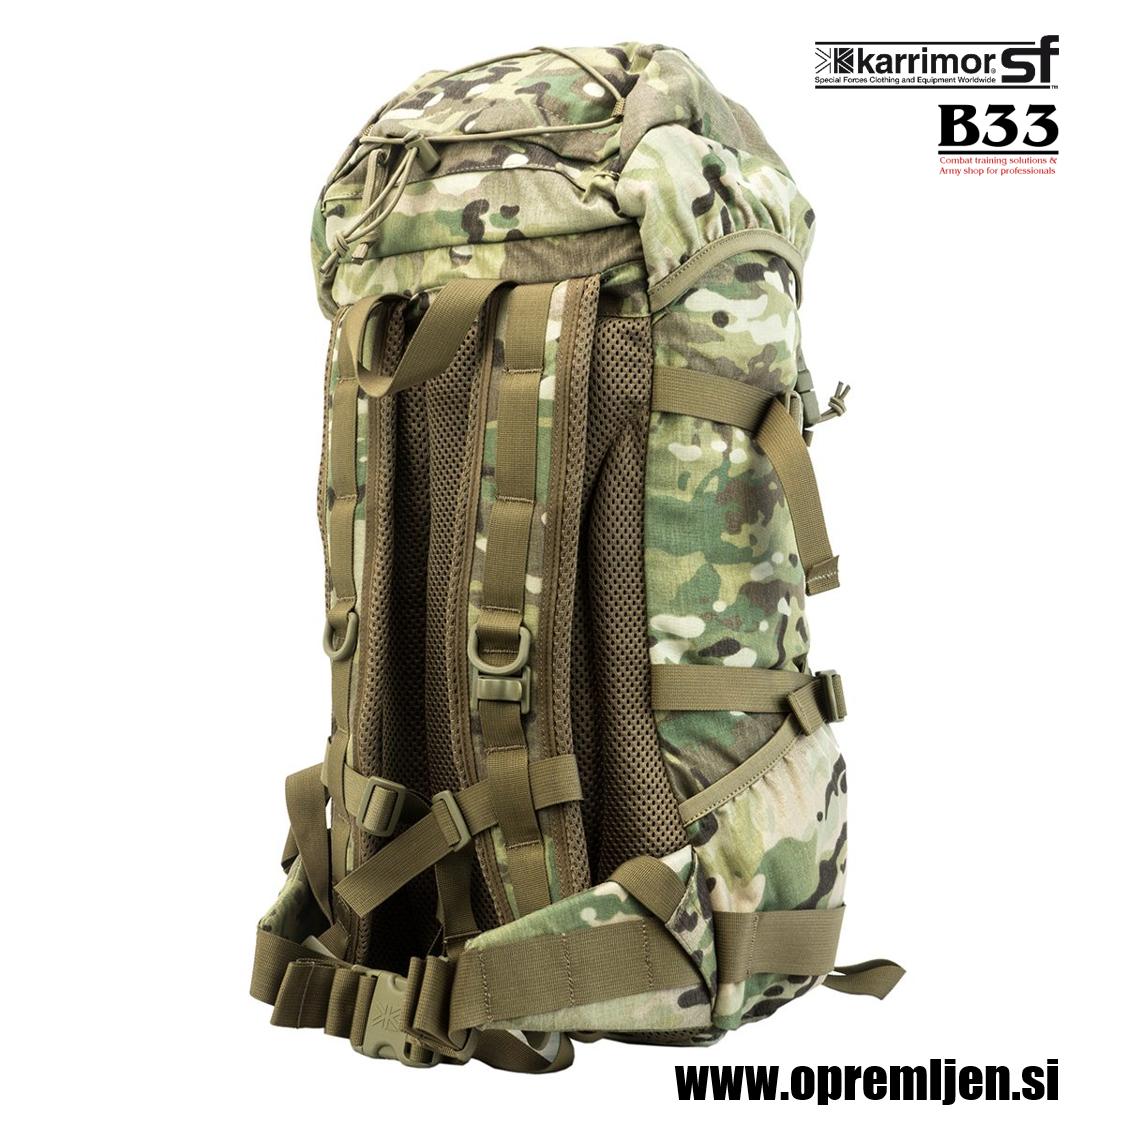 Vojaški nahrbtnik SABRE 30 KARRIMOR SF, B33 army shop, B33 army shop at www.opremljen.si, Army shop, trgovina z vojaško opremo, vojaška trgovina